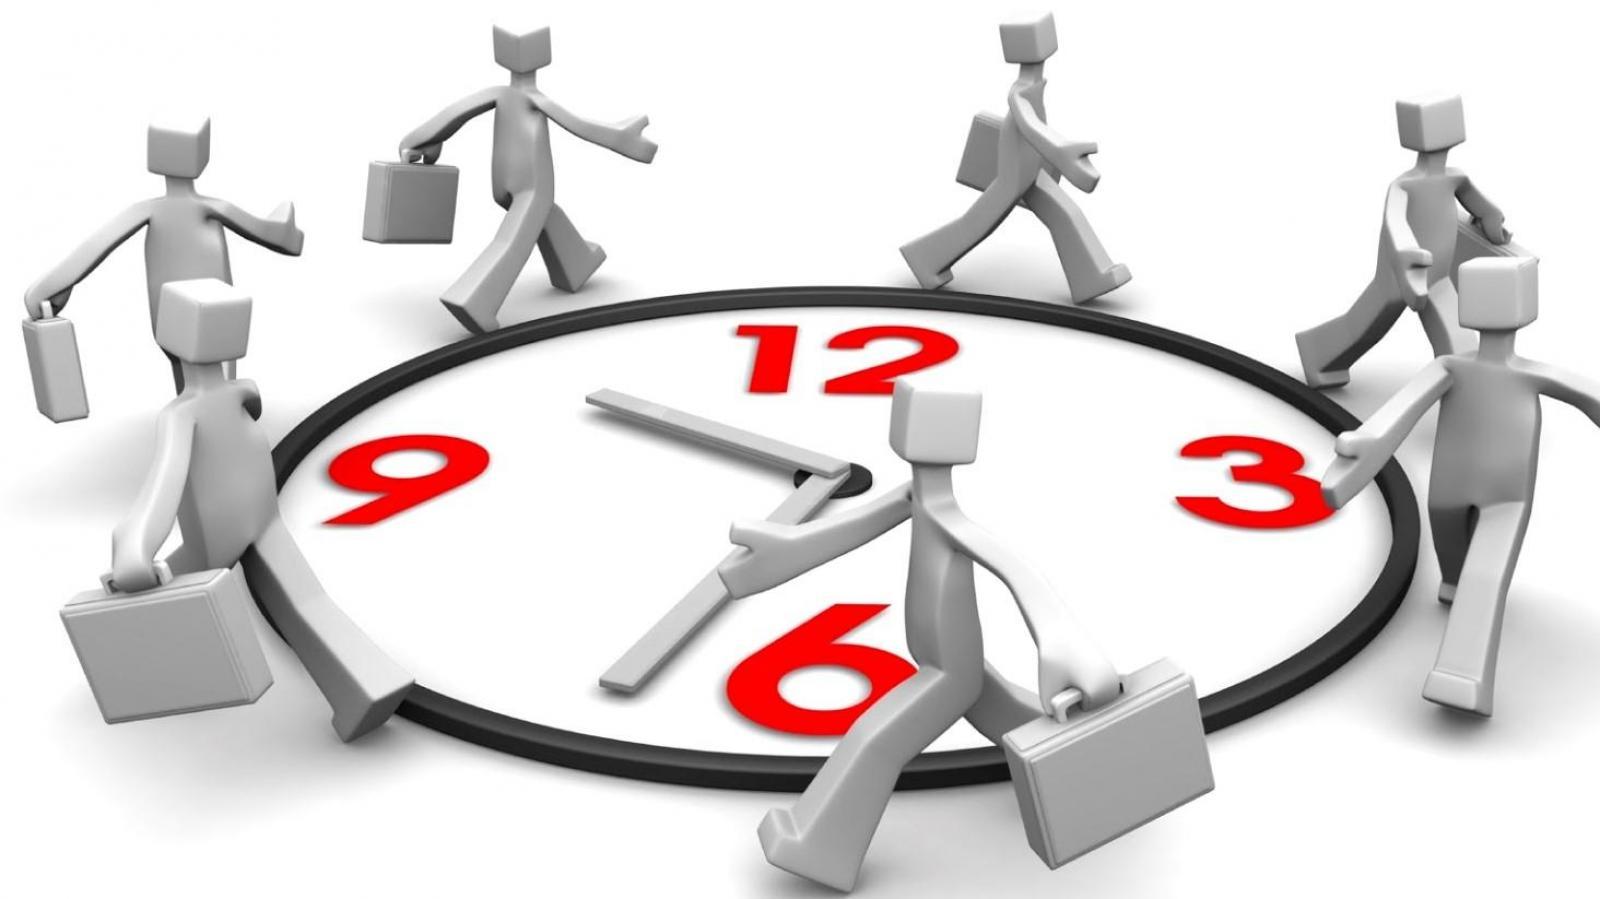 Trabalho intermitente é inconstitucional e risco à saúde do trabalhador